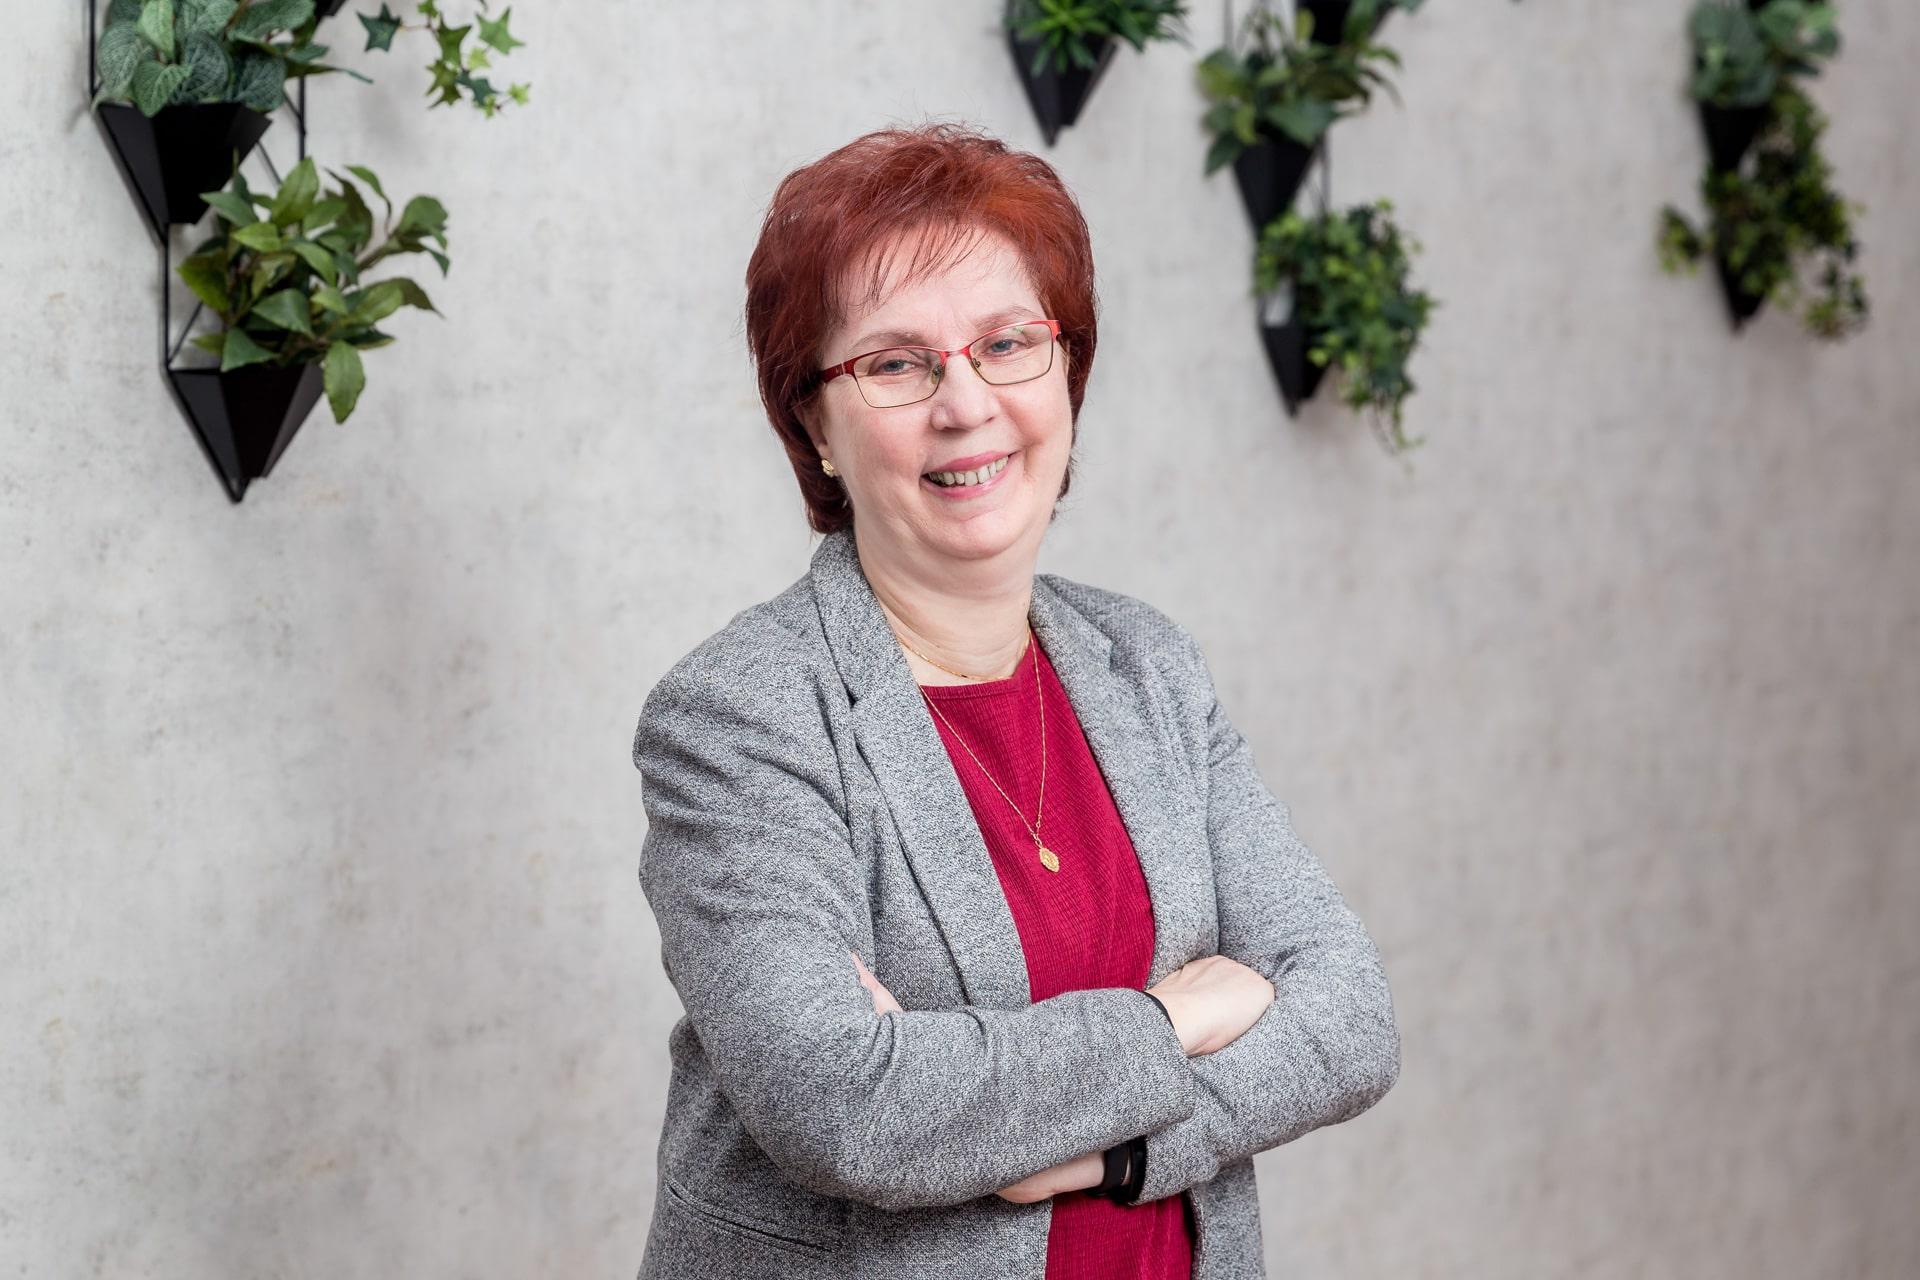 Markó Andrásné Ildikó pénzügyi és biztosítási tanácsadó Győr